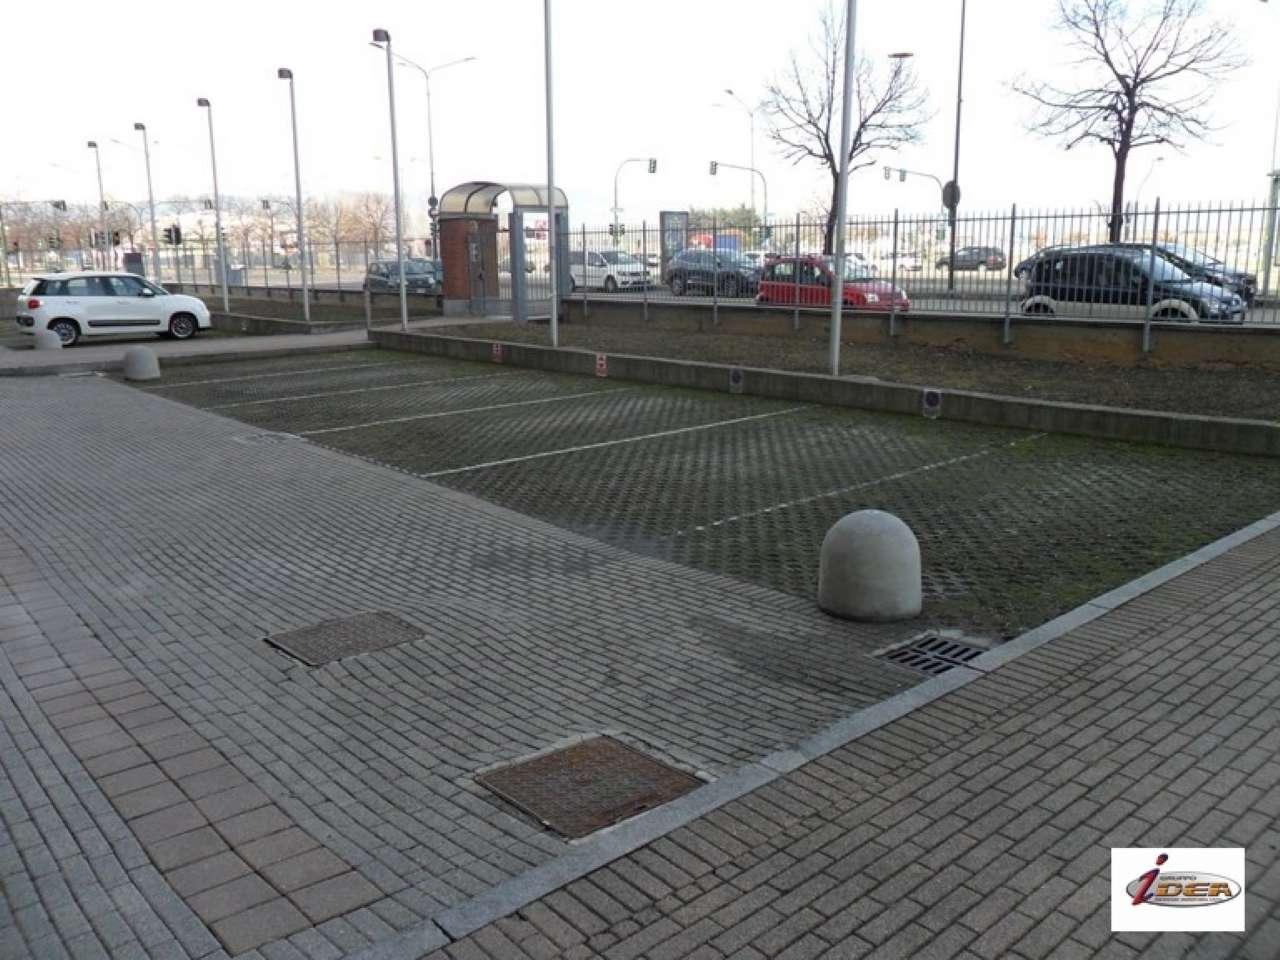 Foto 1 di Posto Auto c.so Grosseto 465, Torino (zona Madonna di Campagna, Borgo Vittoria, Barriera di Lanzo)